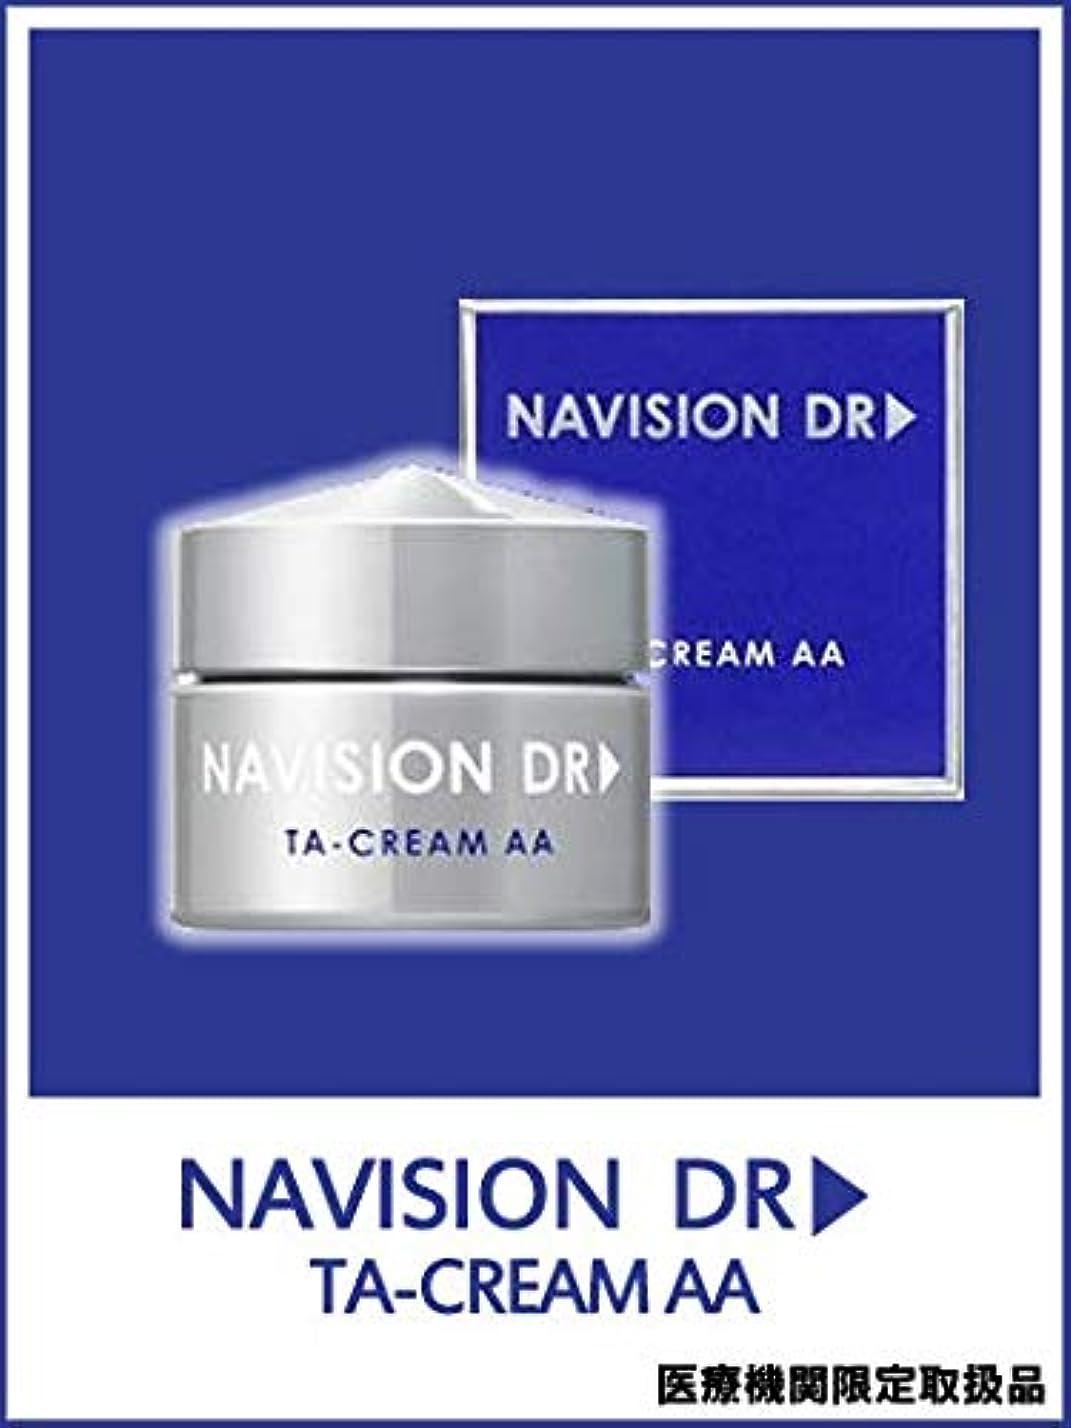 ゴシップオンペダルNAVISION DR? ナビジョンDR TAクリームAAn(医薬部外品) 30g